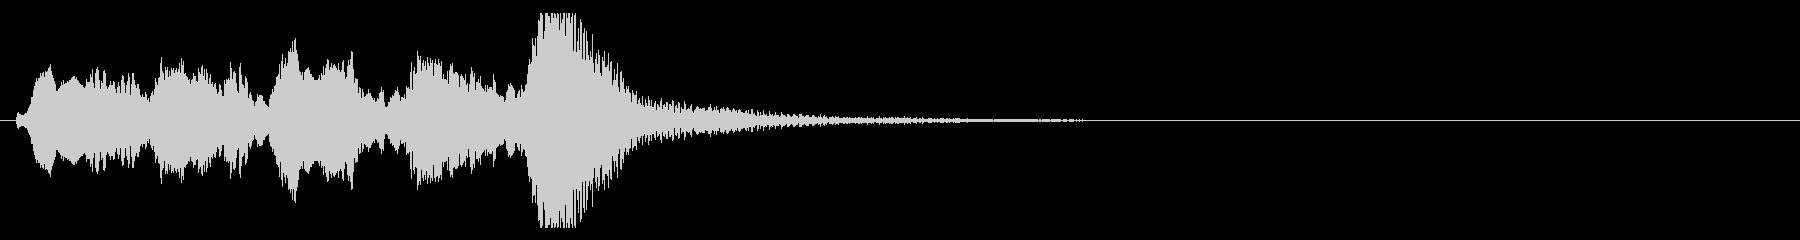 上品で可愛いジングル9aの未再生の波形